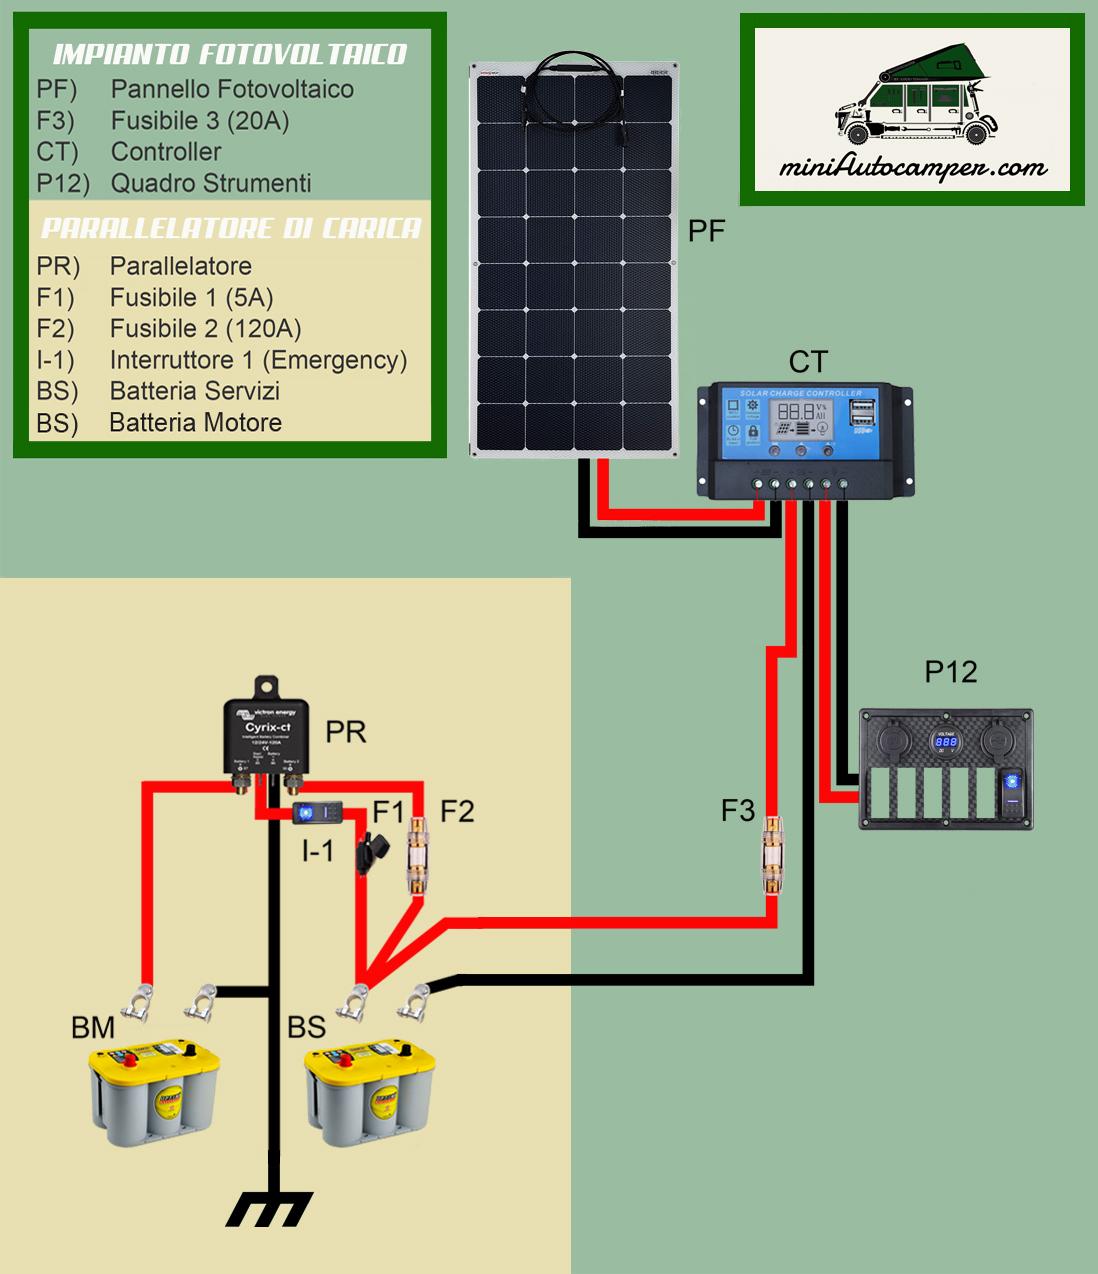 Impianto-fotovoltaico-per-mini-camper-schema-elettrico